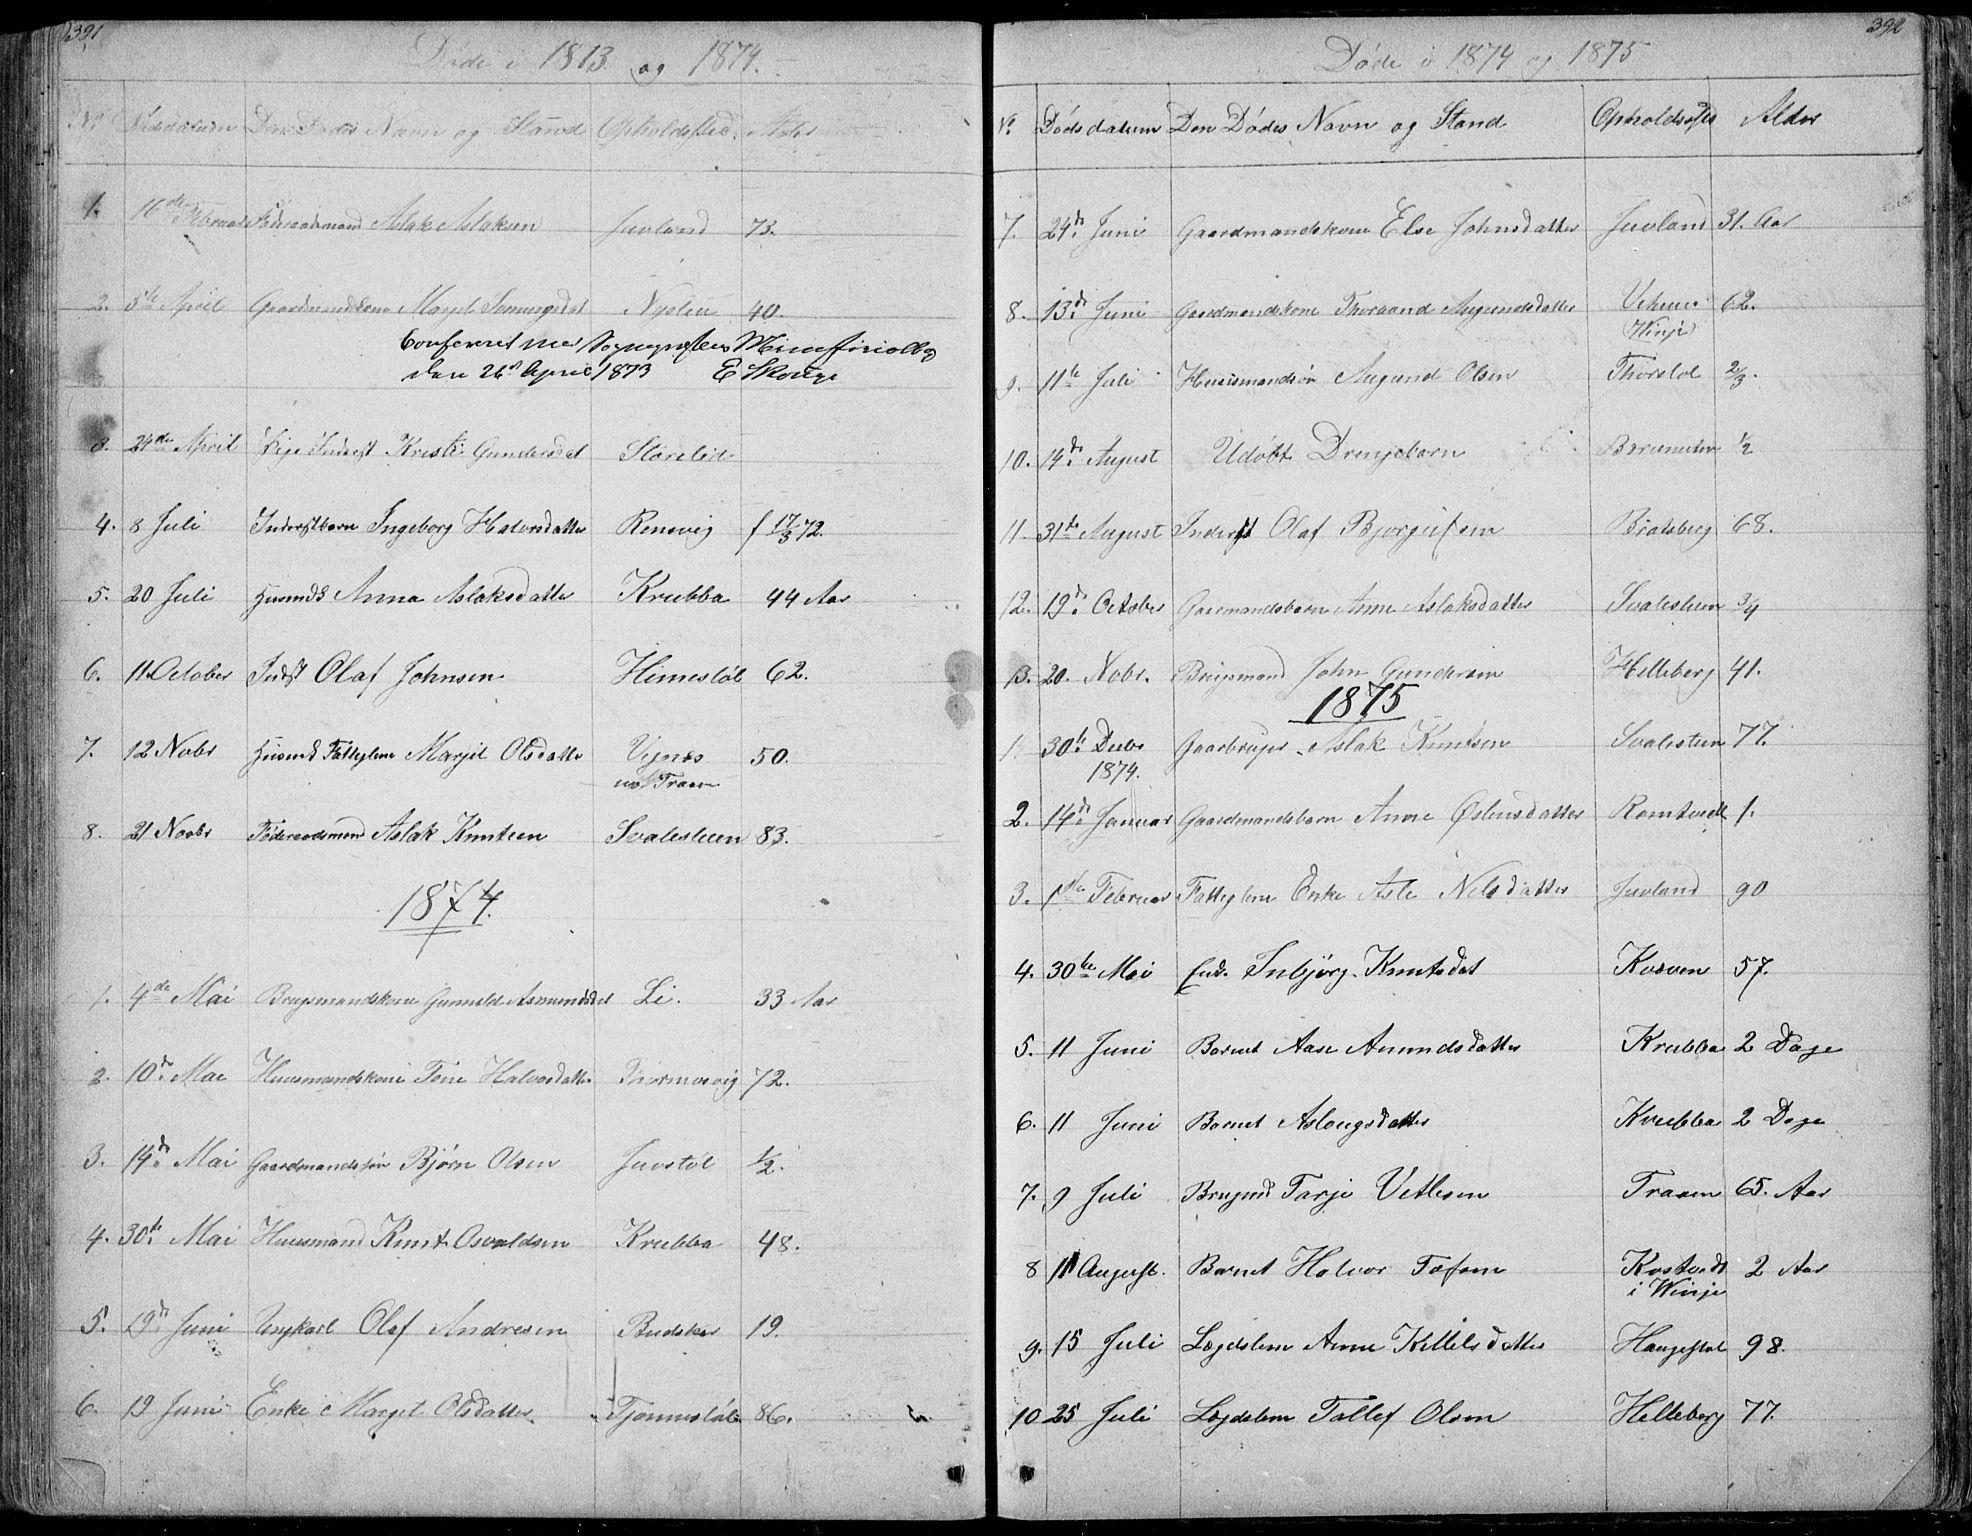 SAKO, Rauland kirkebøker, G/Ga/L0002: Klokkerbok nr. I 2, 1849-1935, s. 391-392